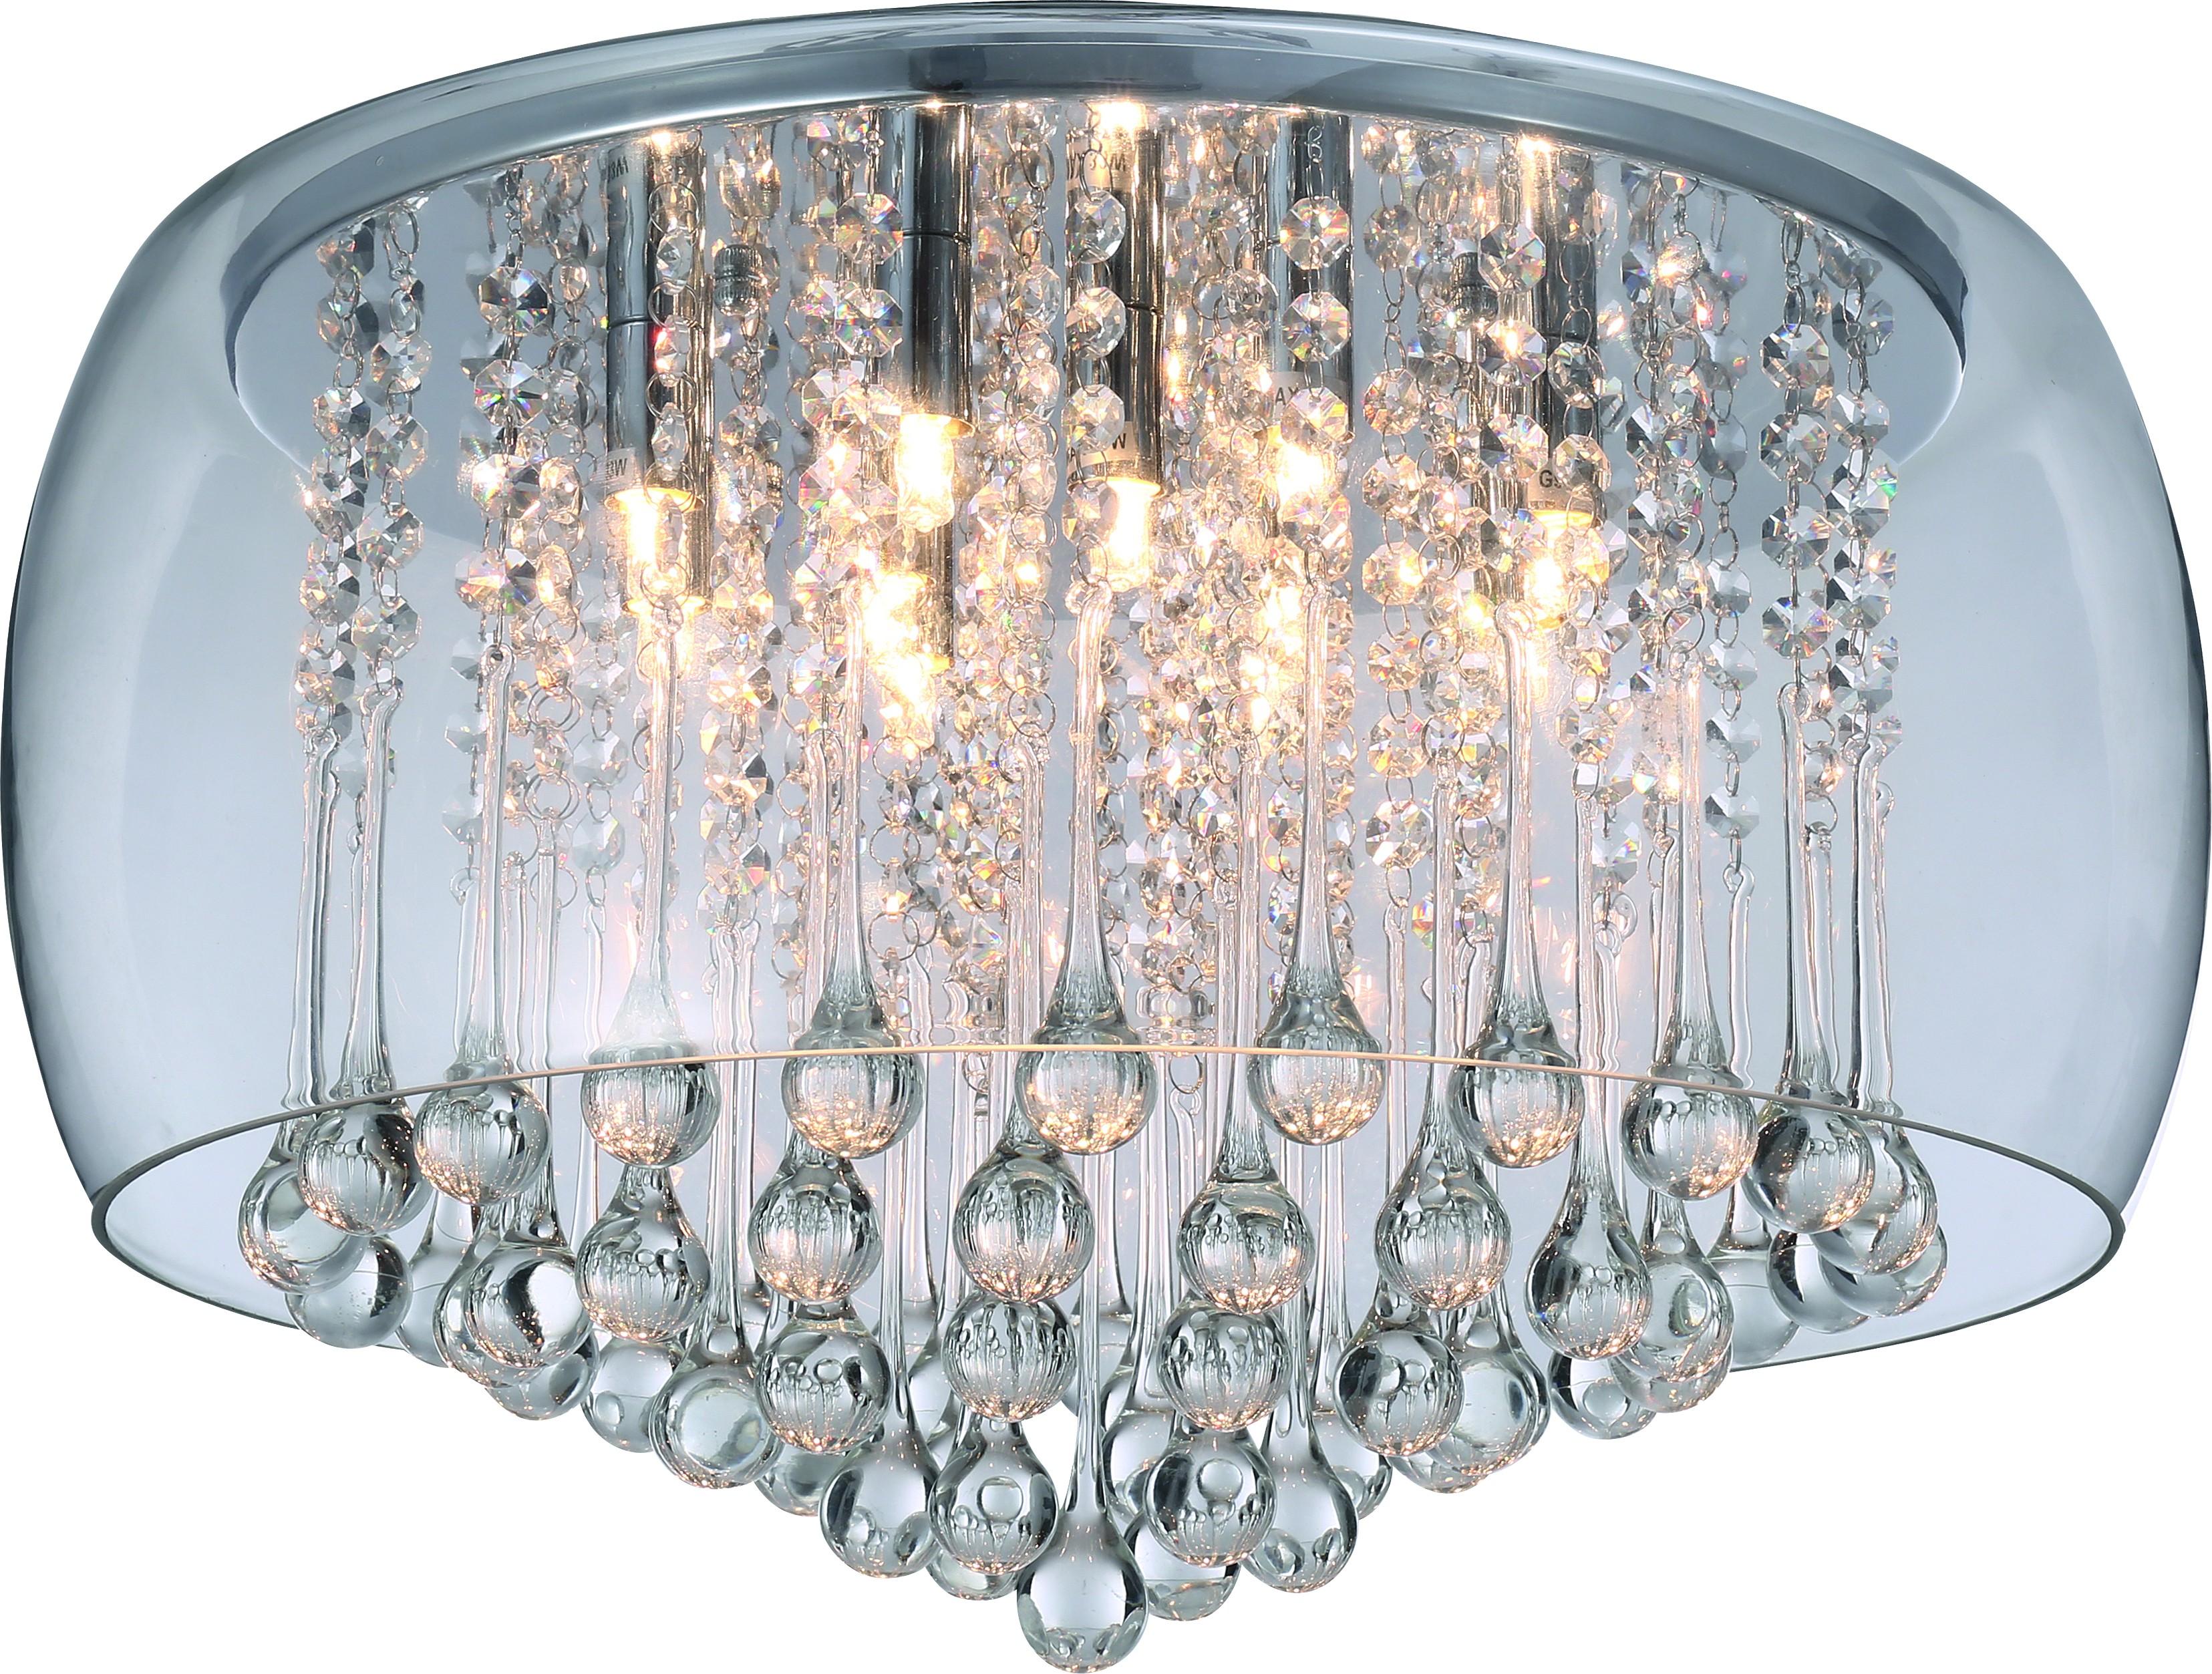 Люстра Arte lamp A7054pl-11cc накладной светильник arte lamp halo a7054pl 11cc